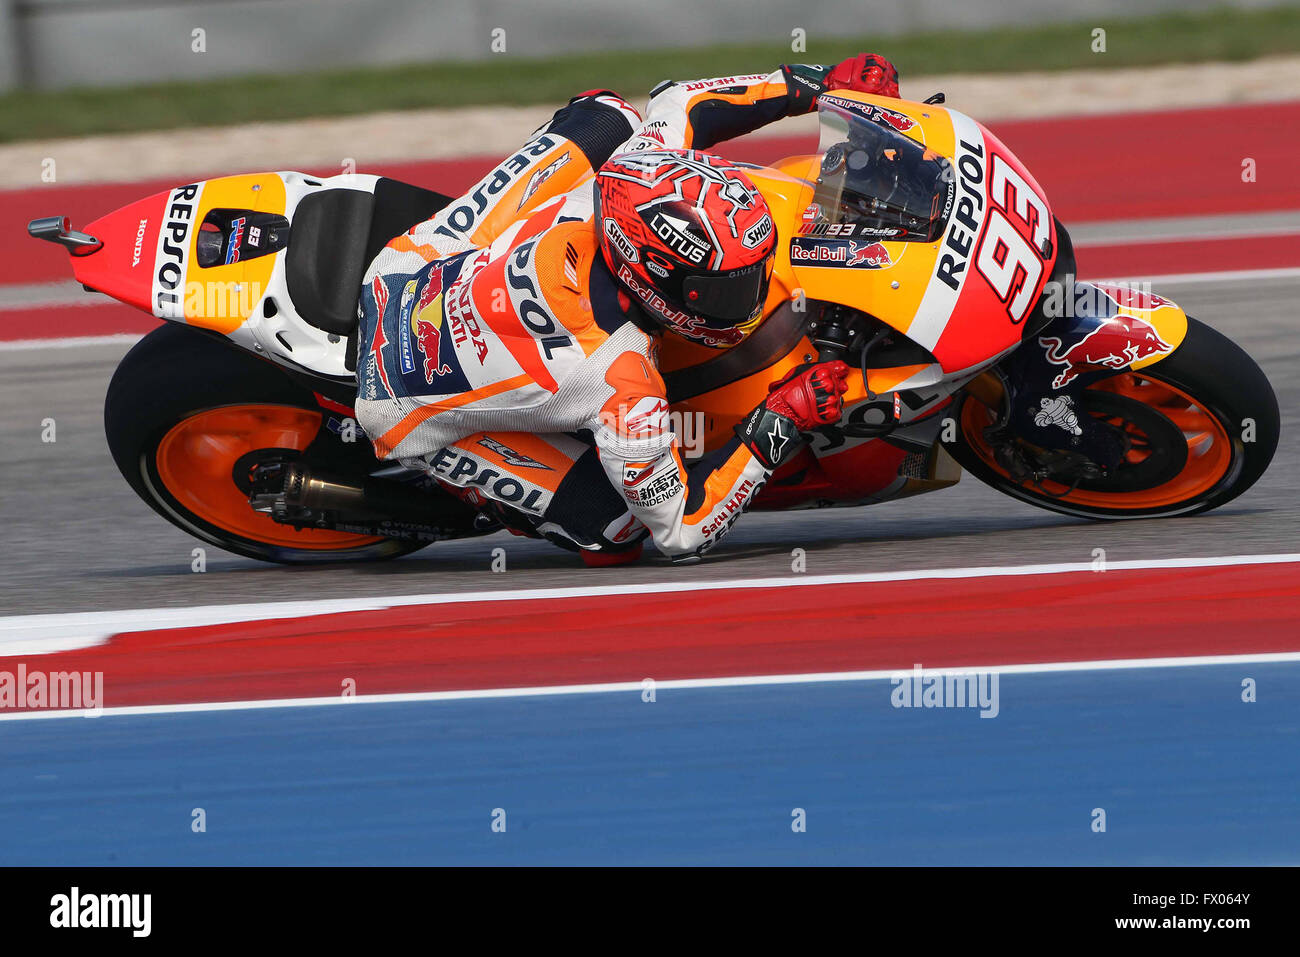 Austin, Texas, USA. 8. April 2016. Marc Marquez Spaniens und Repsol Honda Team rundet die Biegung in der MotoGp Stockbild